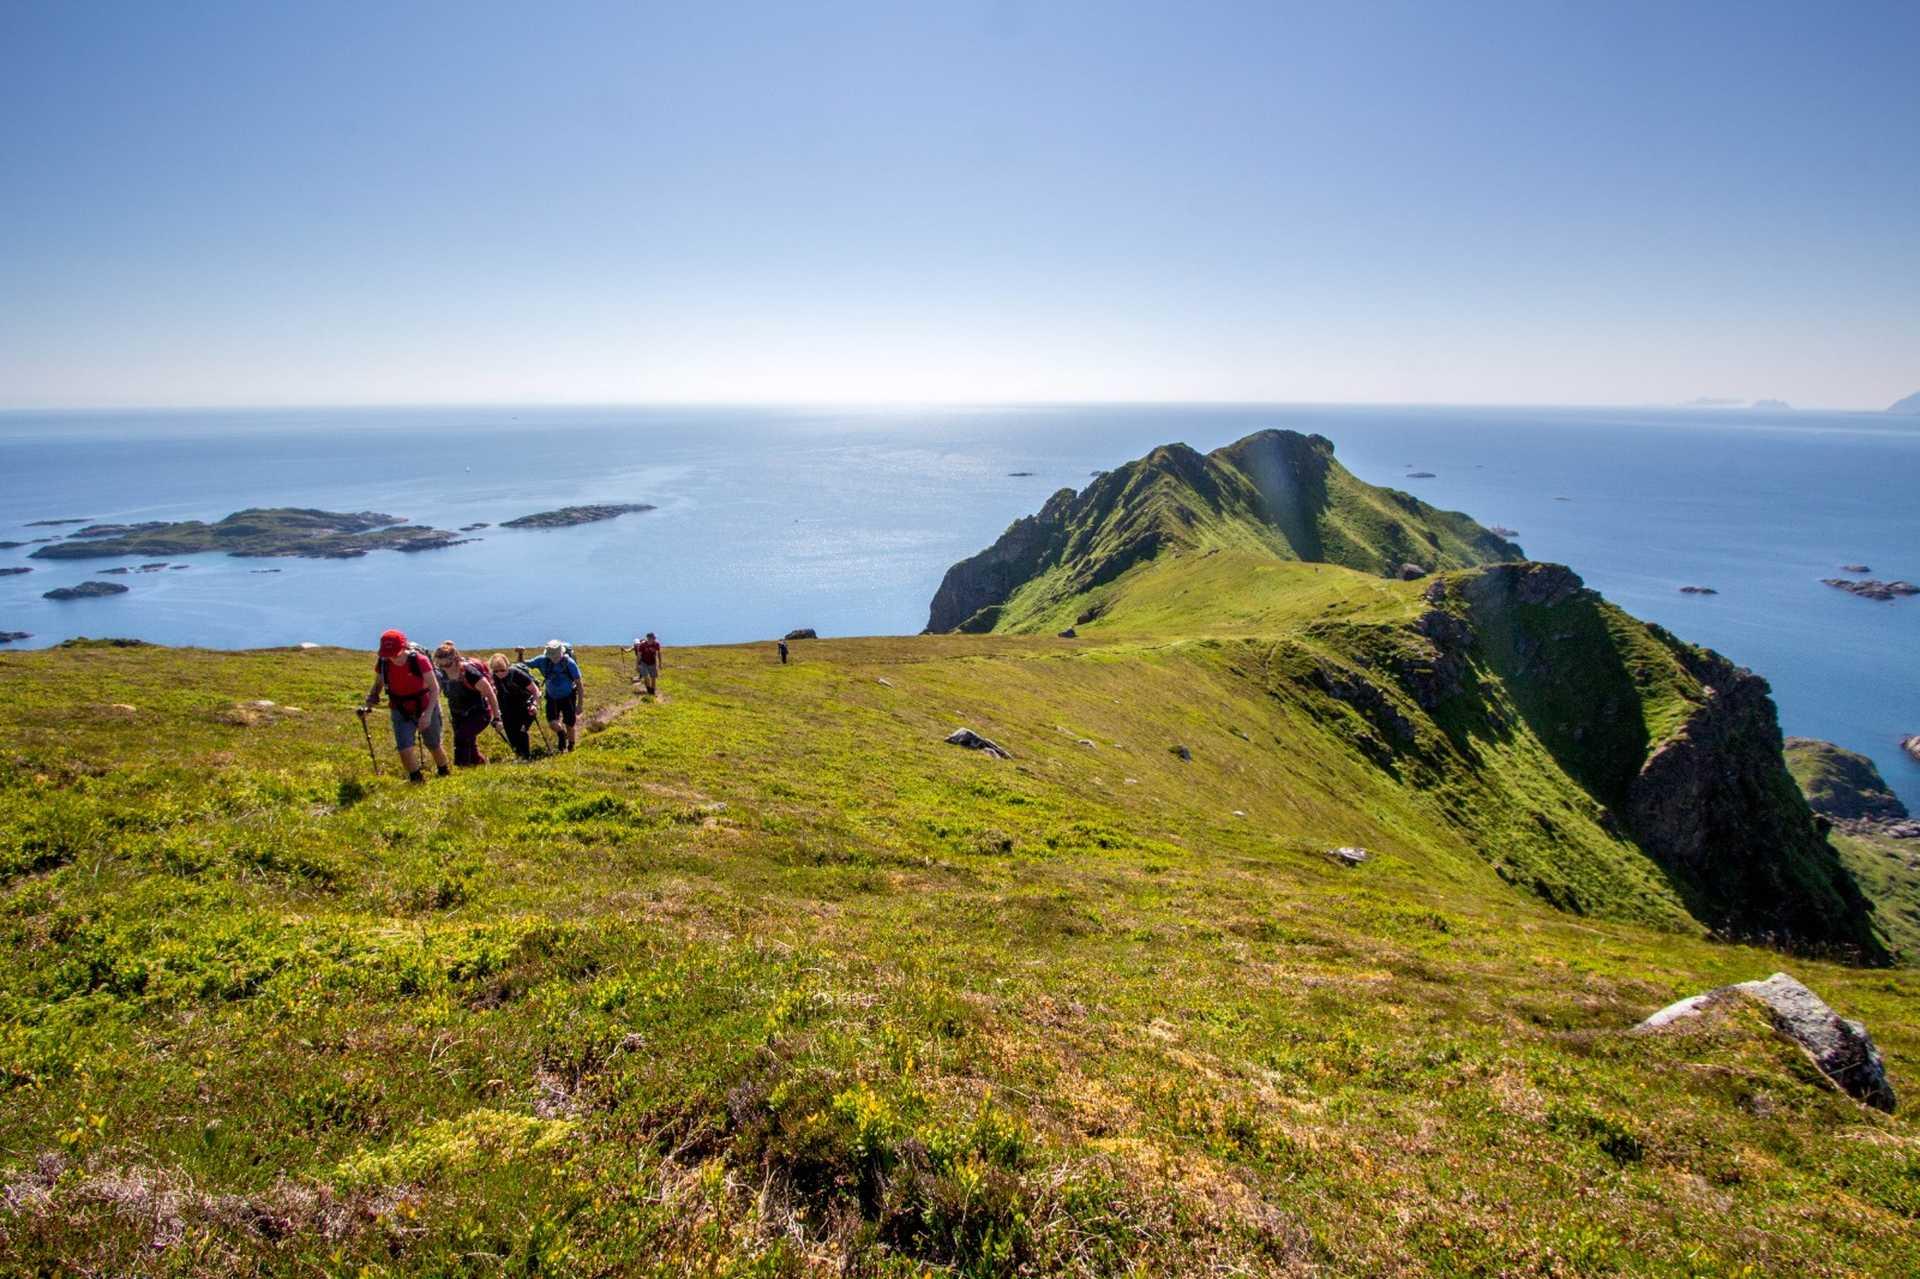 Randonnée dans les îles Lofoten en Norvège